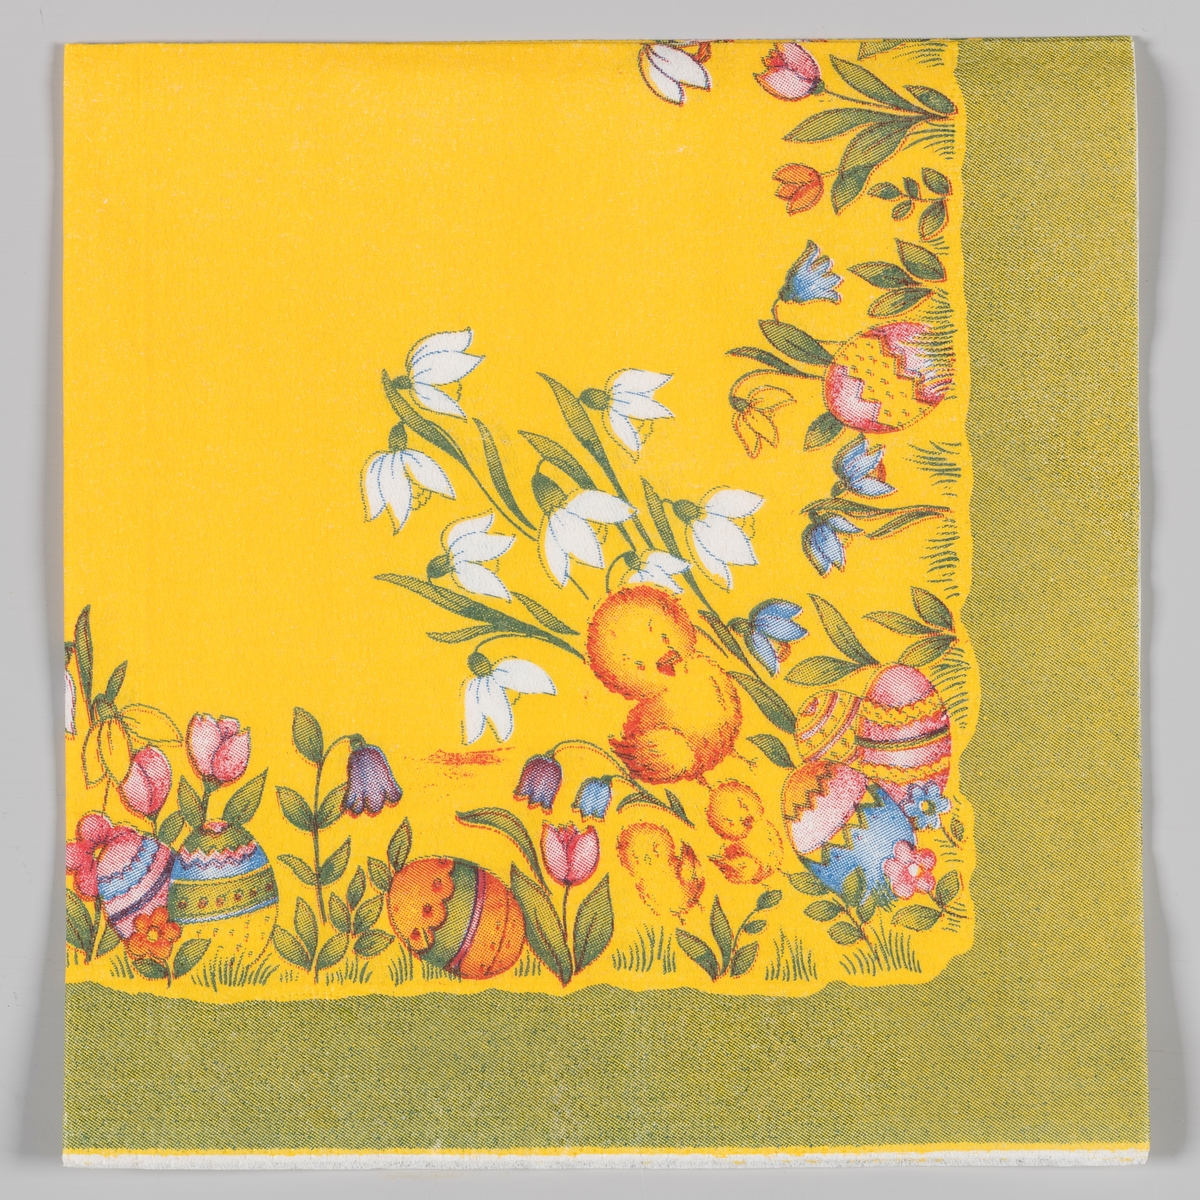 En stor kylling og to små kyllinger står blant kulørte påskeegg, snøklokker, skillaer og andre blomster